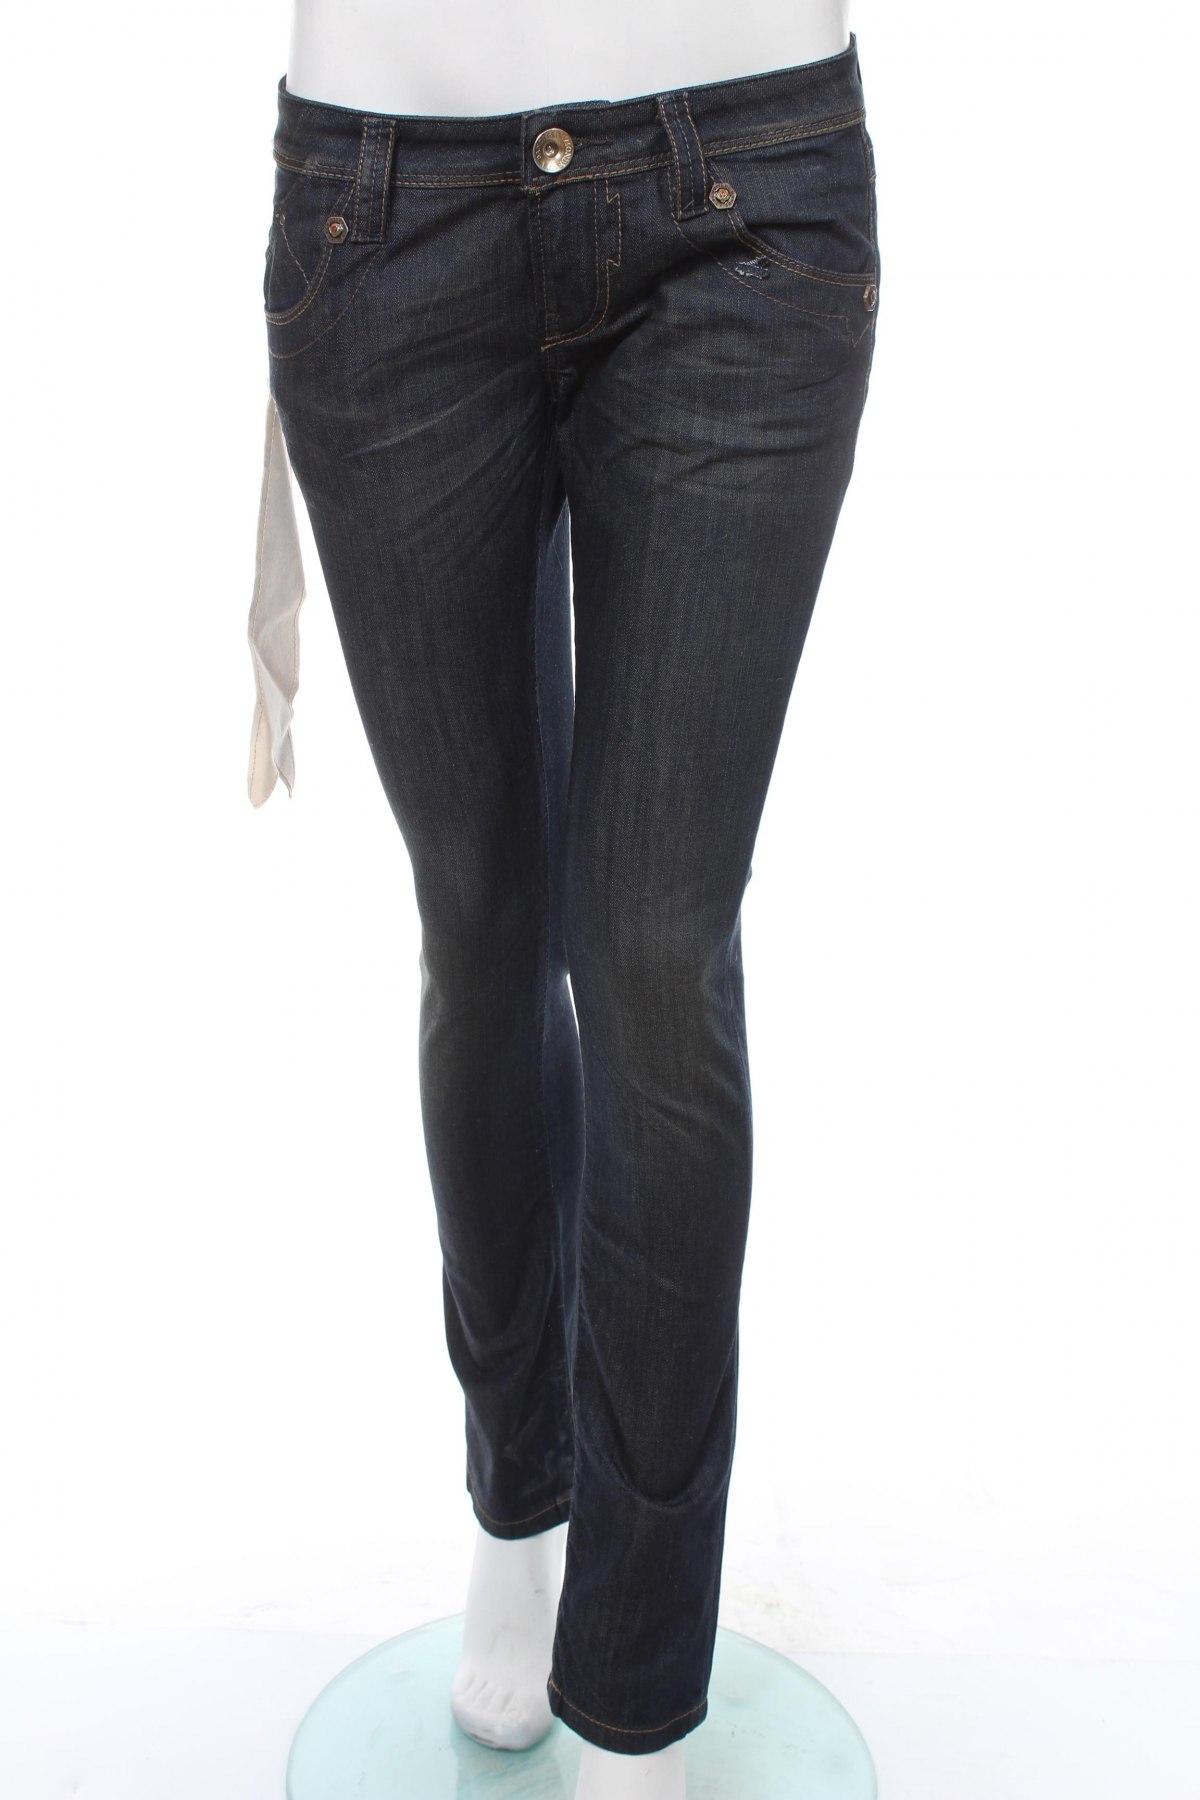 Дамски дънки Bandits Du Monde, Размер S, Цвят Син, 98% памук, 2% еластан, Цена 53,30лв.